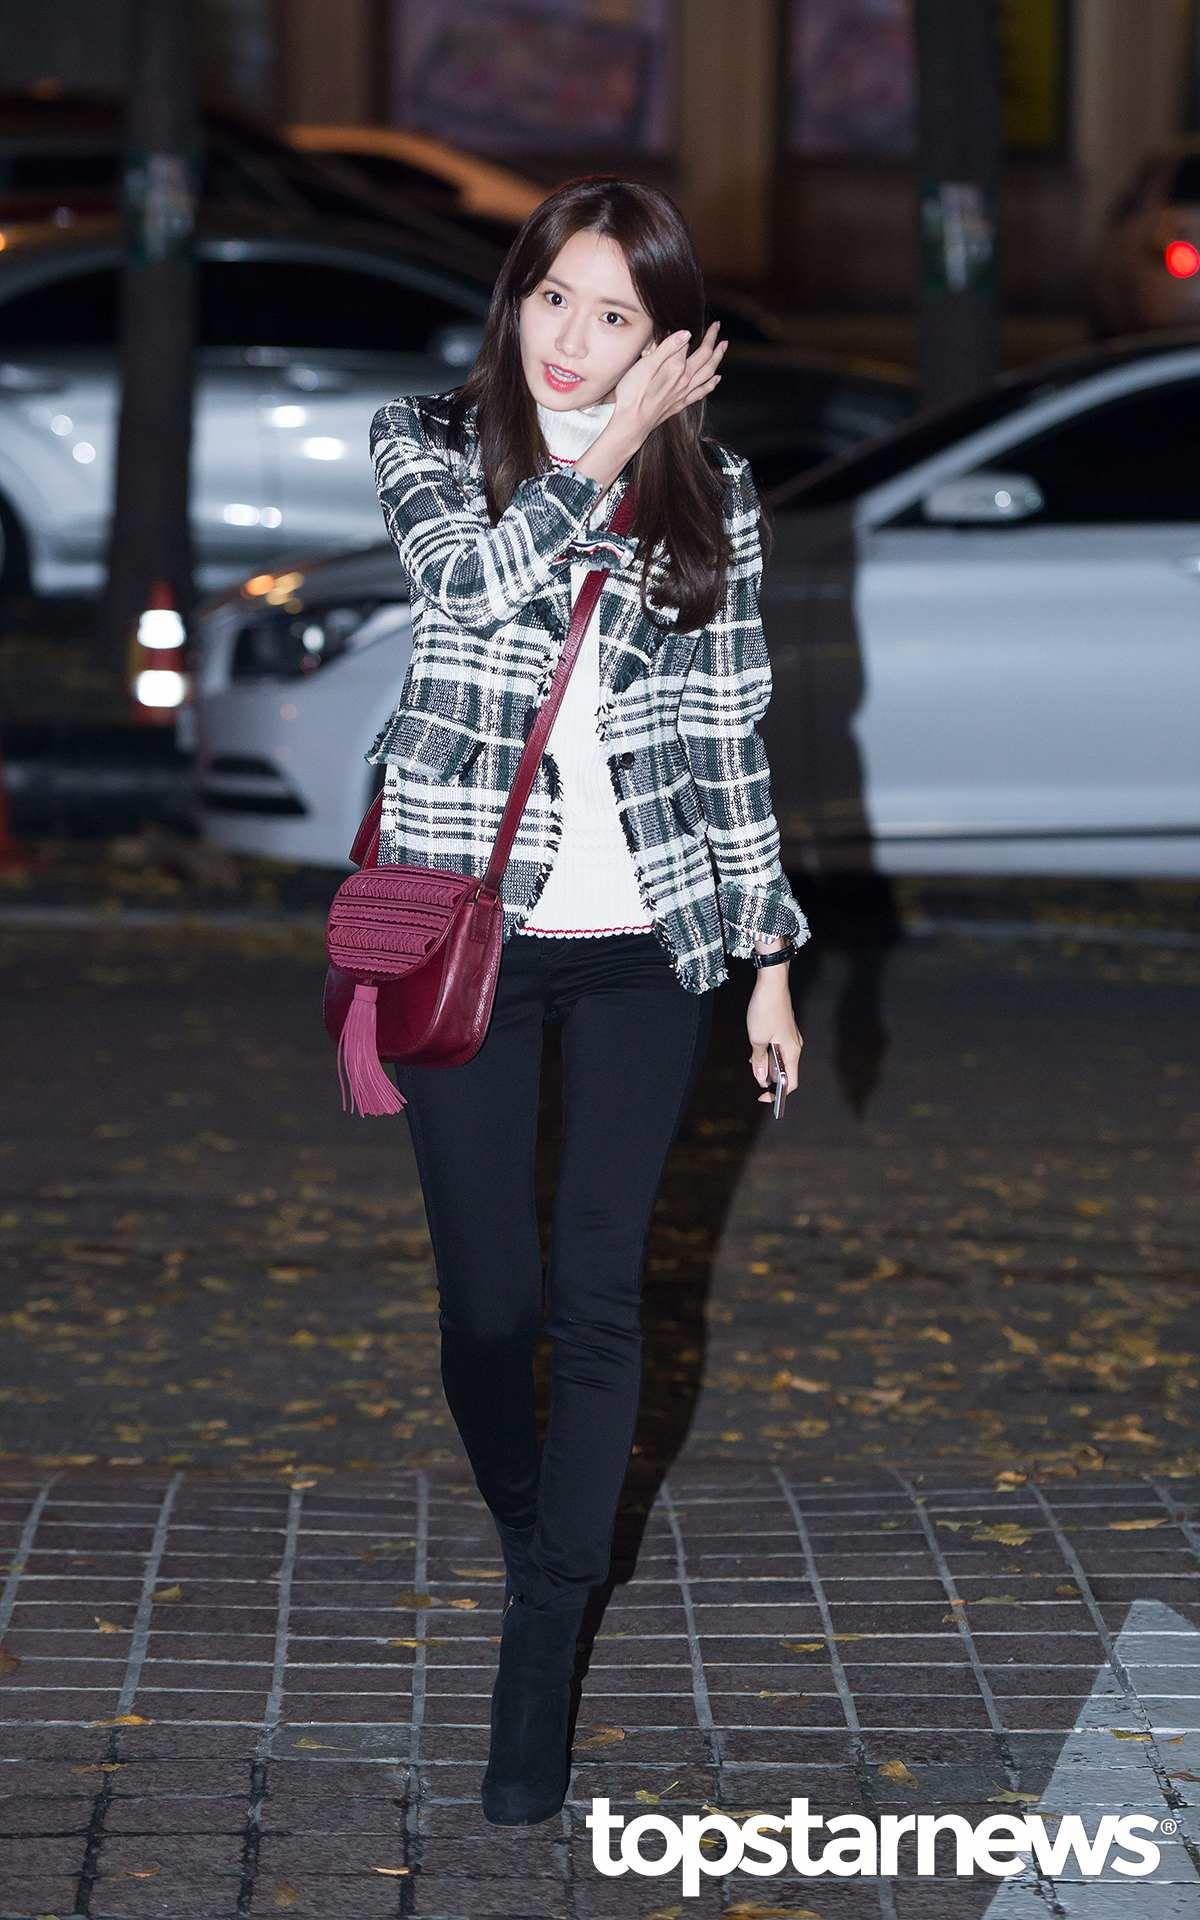 4.西裝款 潤娥則是西裝版型的格紋外套,有種帥氣又幹練的feel,是上班族女孩可以嘗試看看的款式。